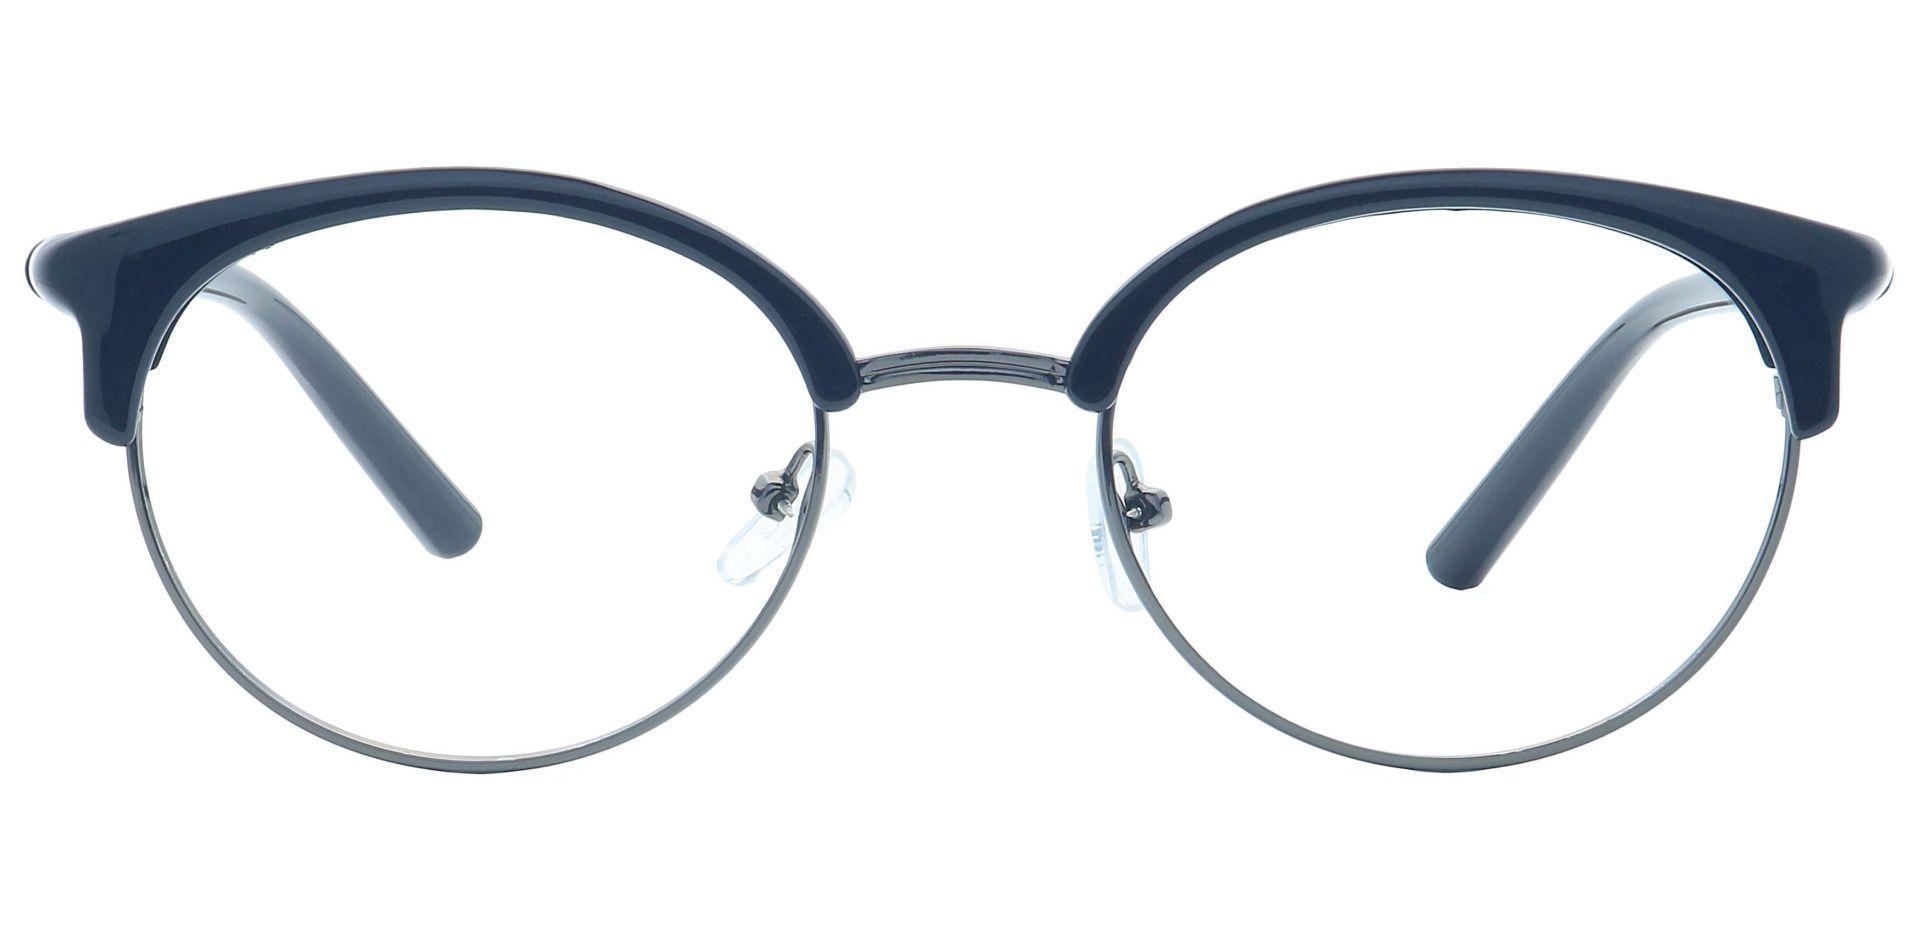 Harper Browline Prescription Glasses - Black